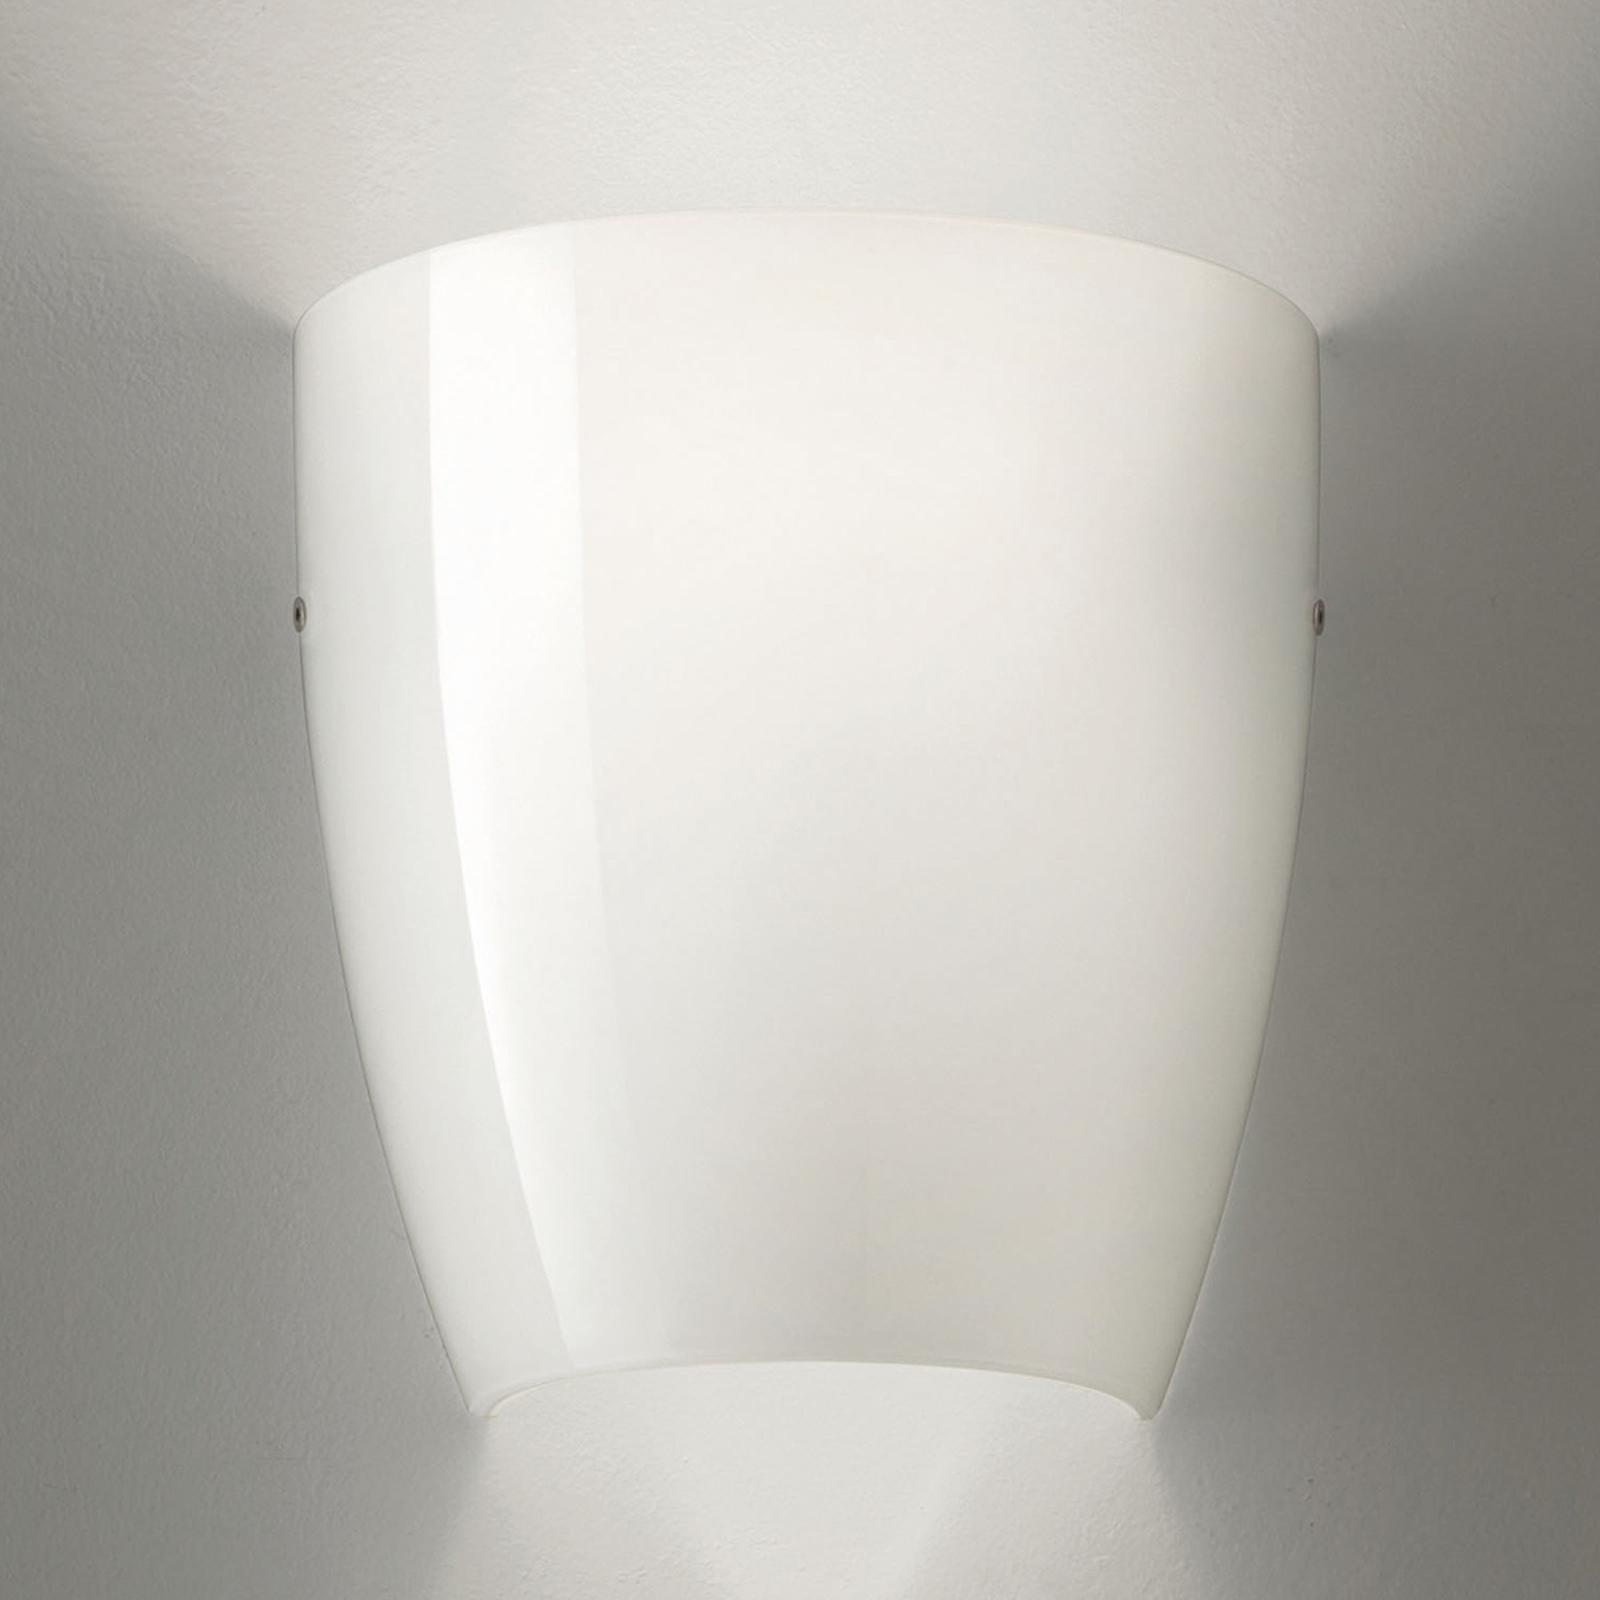 Dafne væglampe, glas, blank hvid